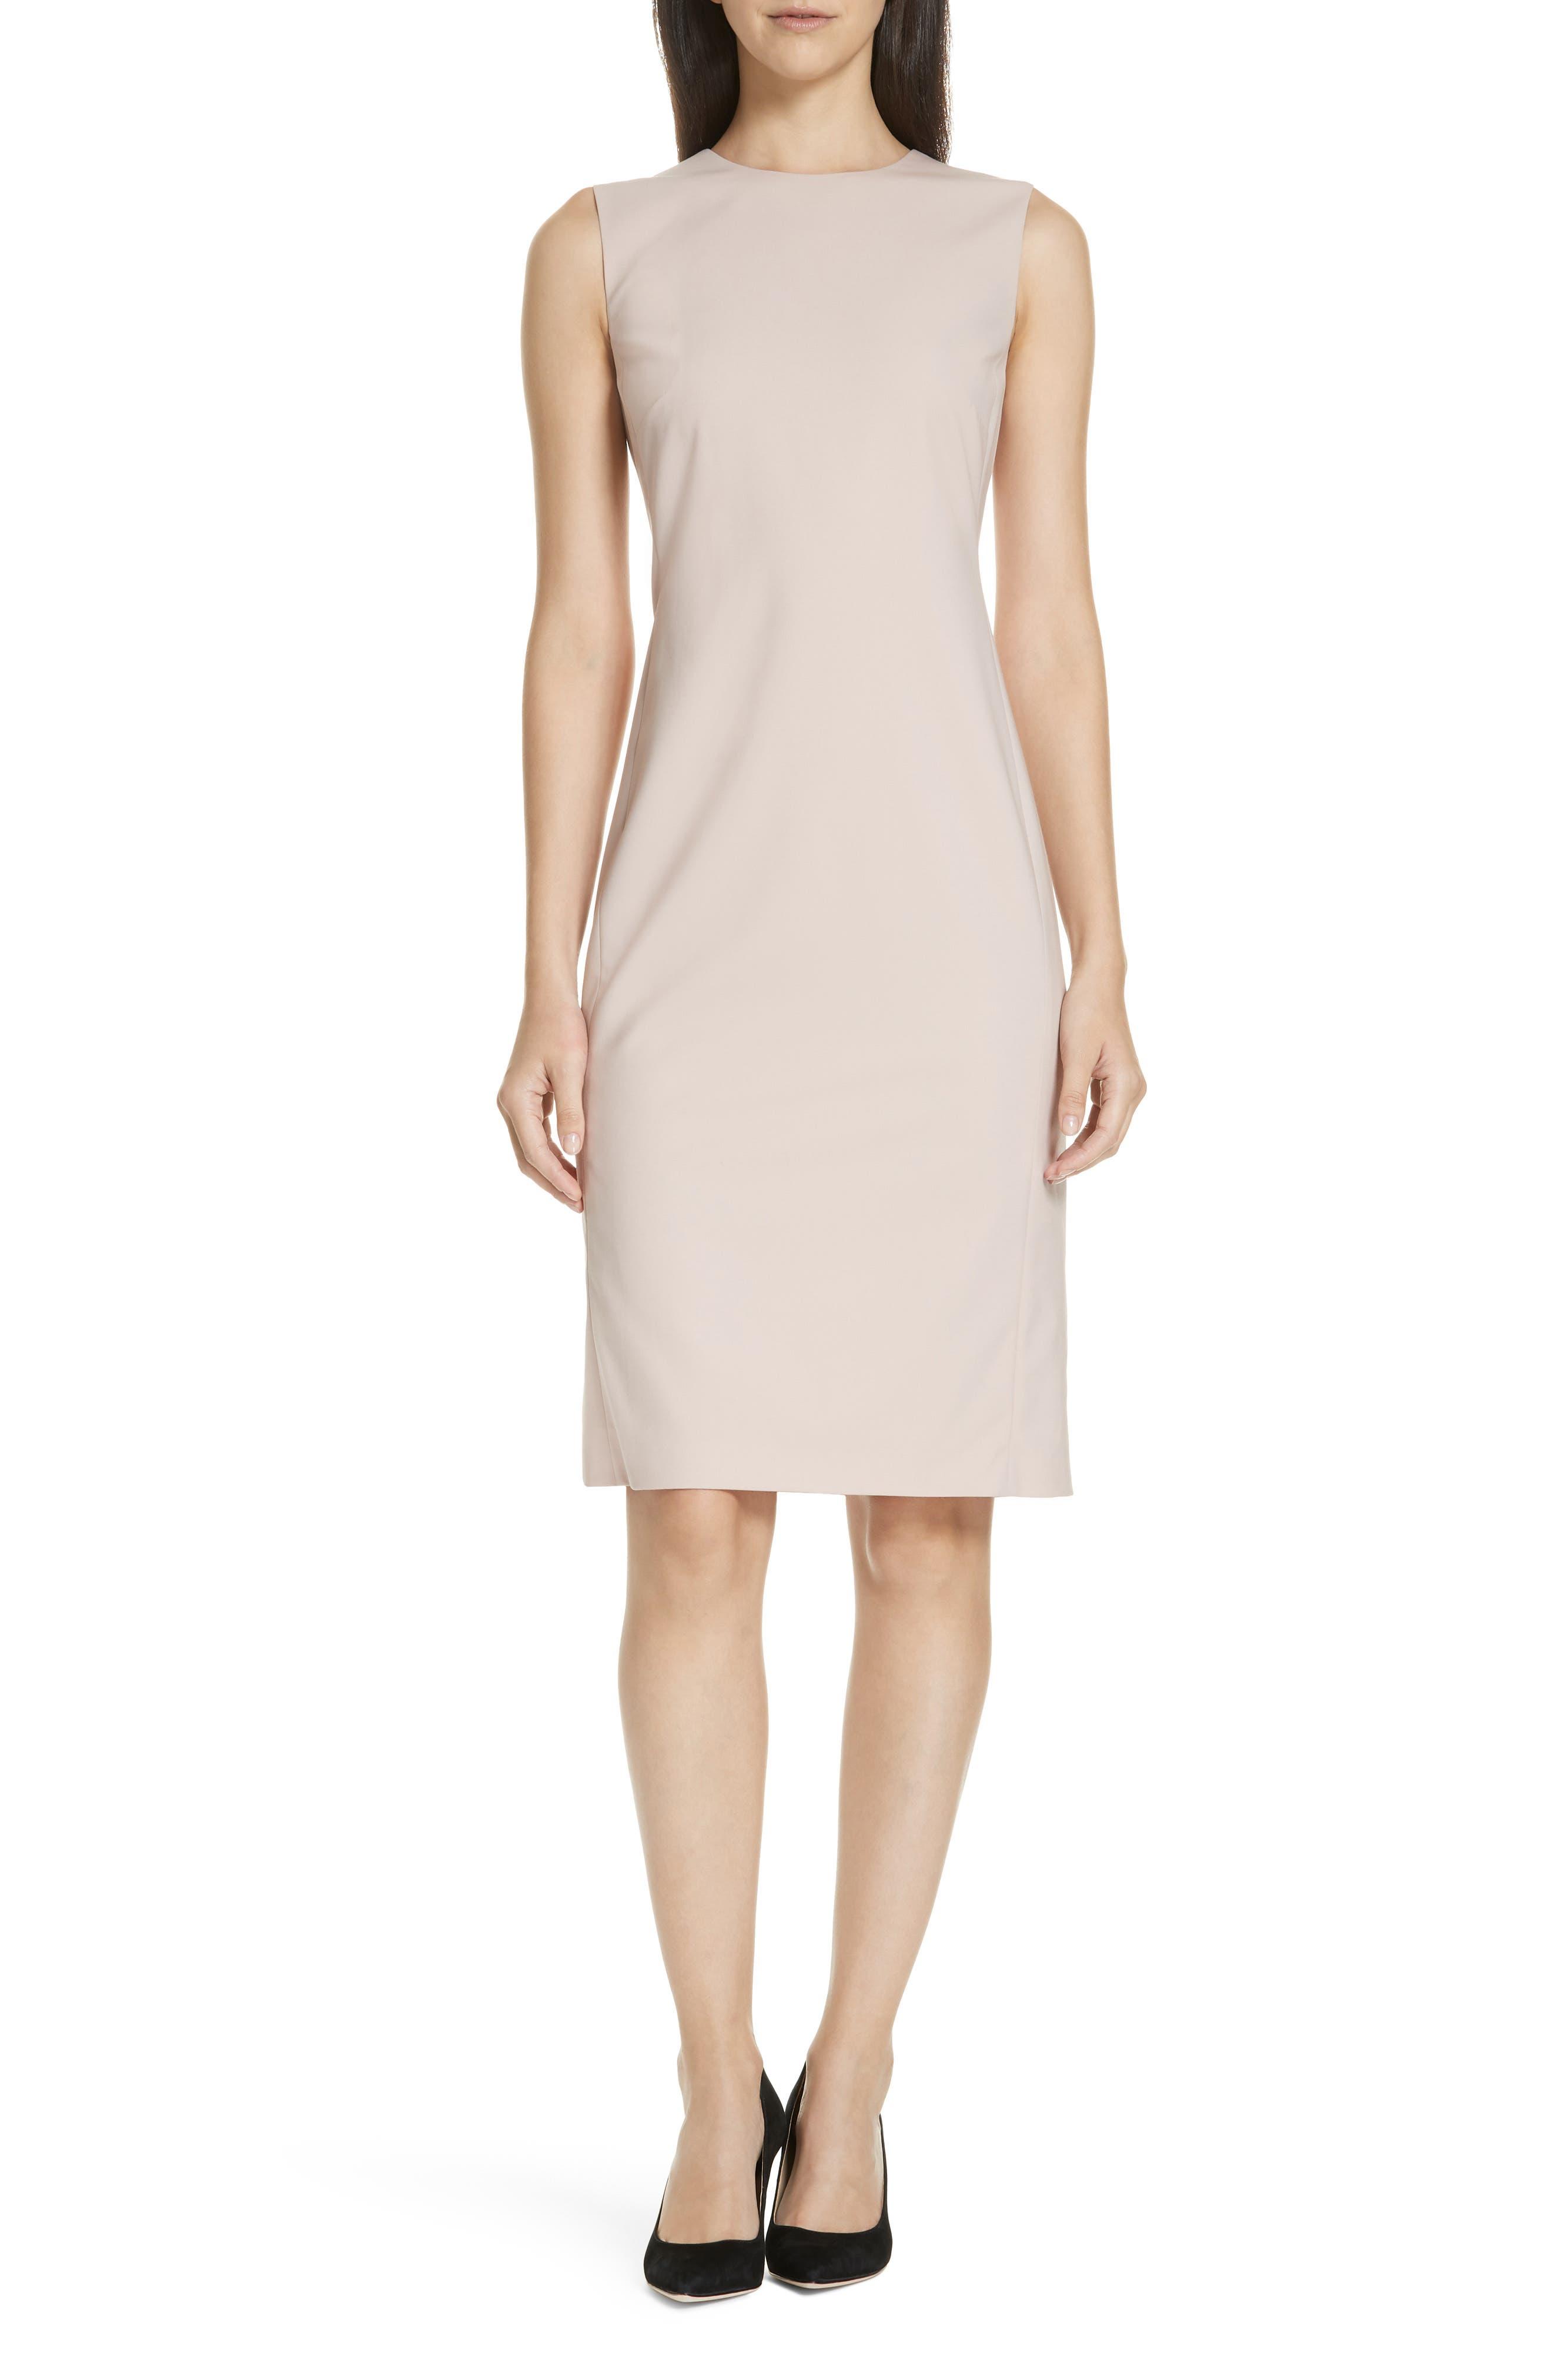 Eano Good Wool Sheath Dress,                             Main thumbnail 1, color,                             650